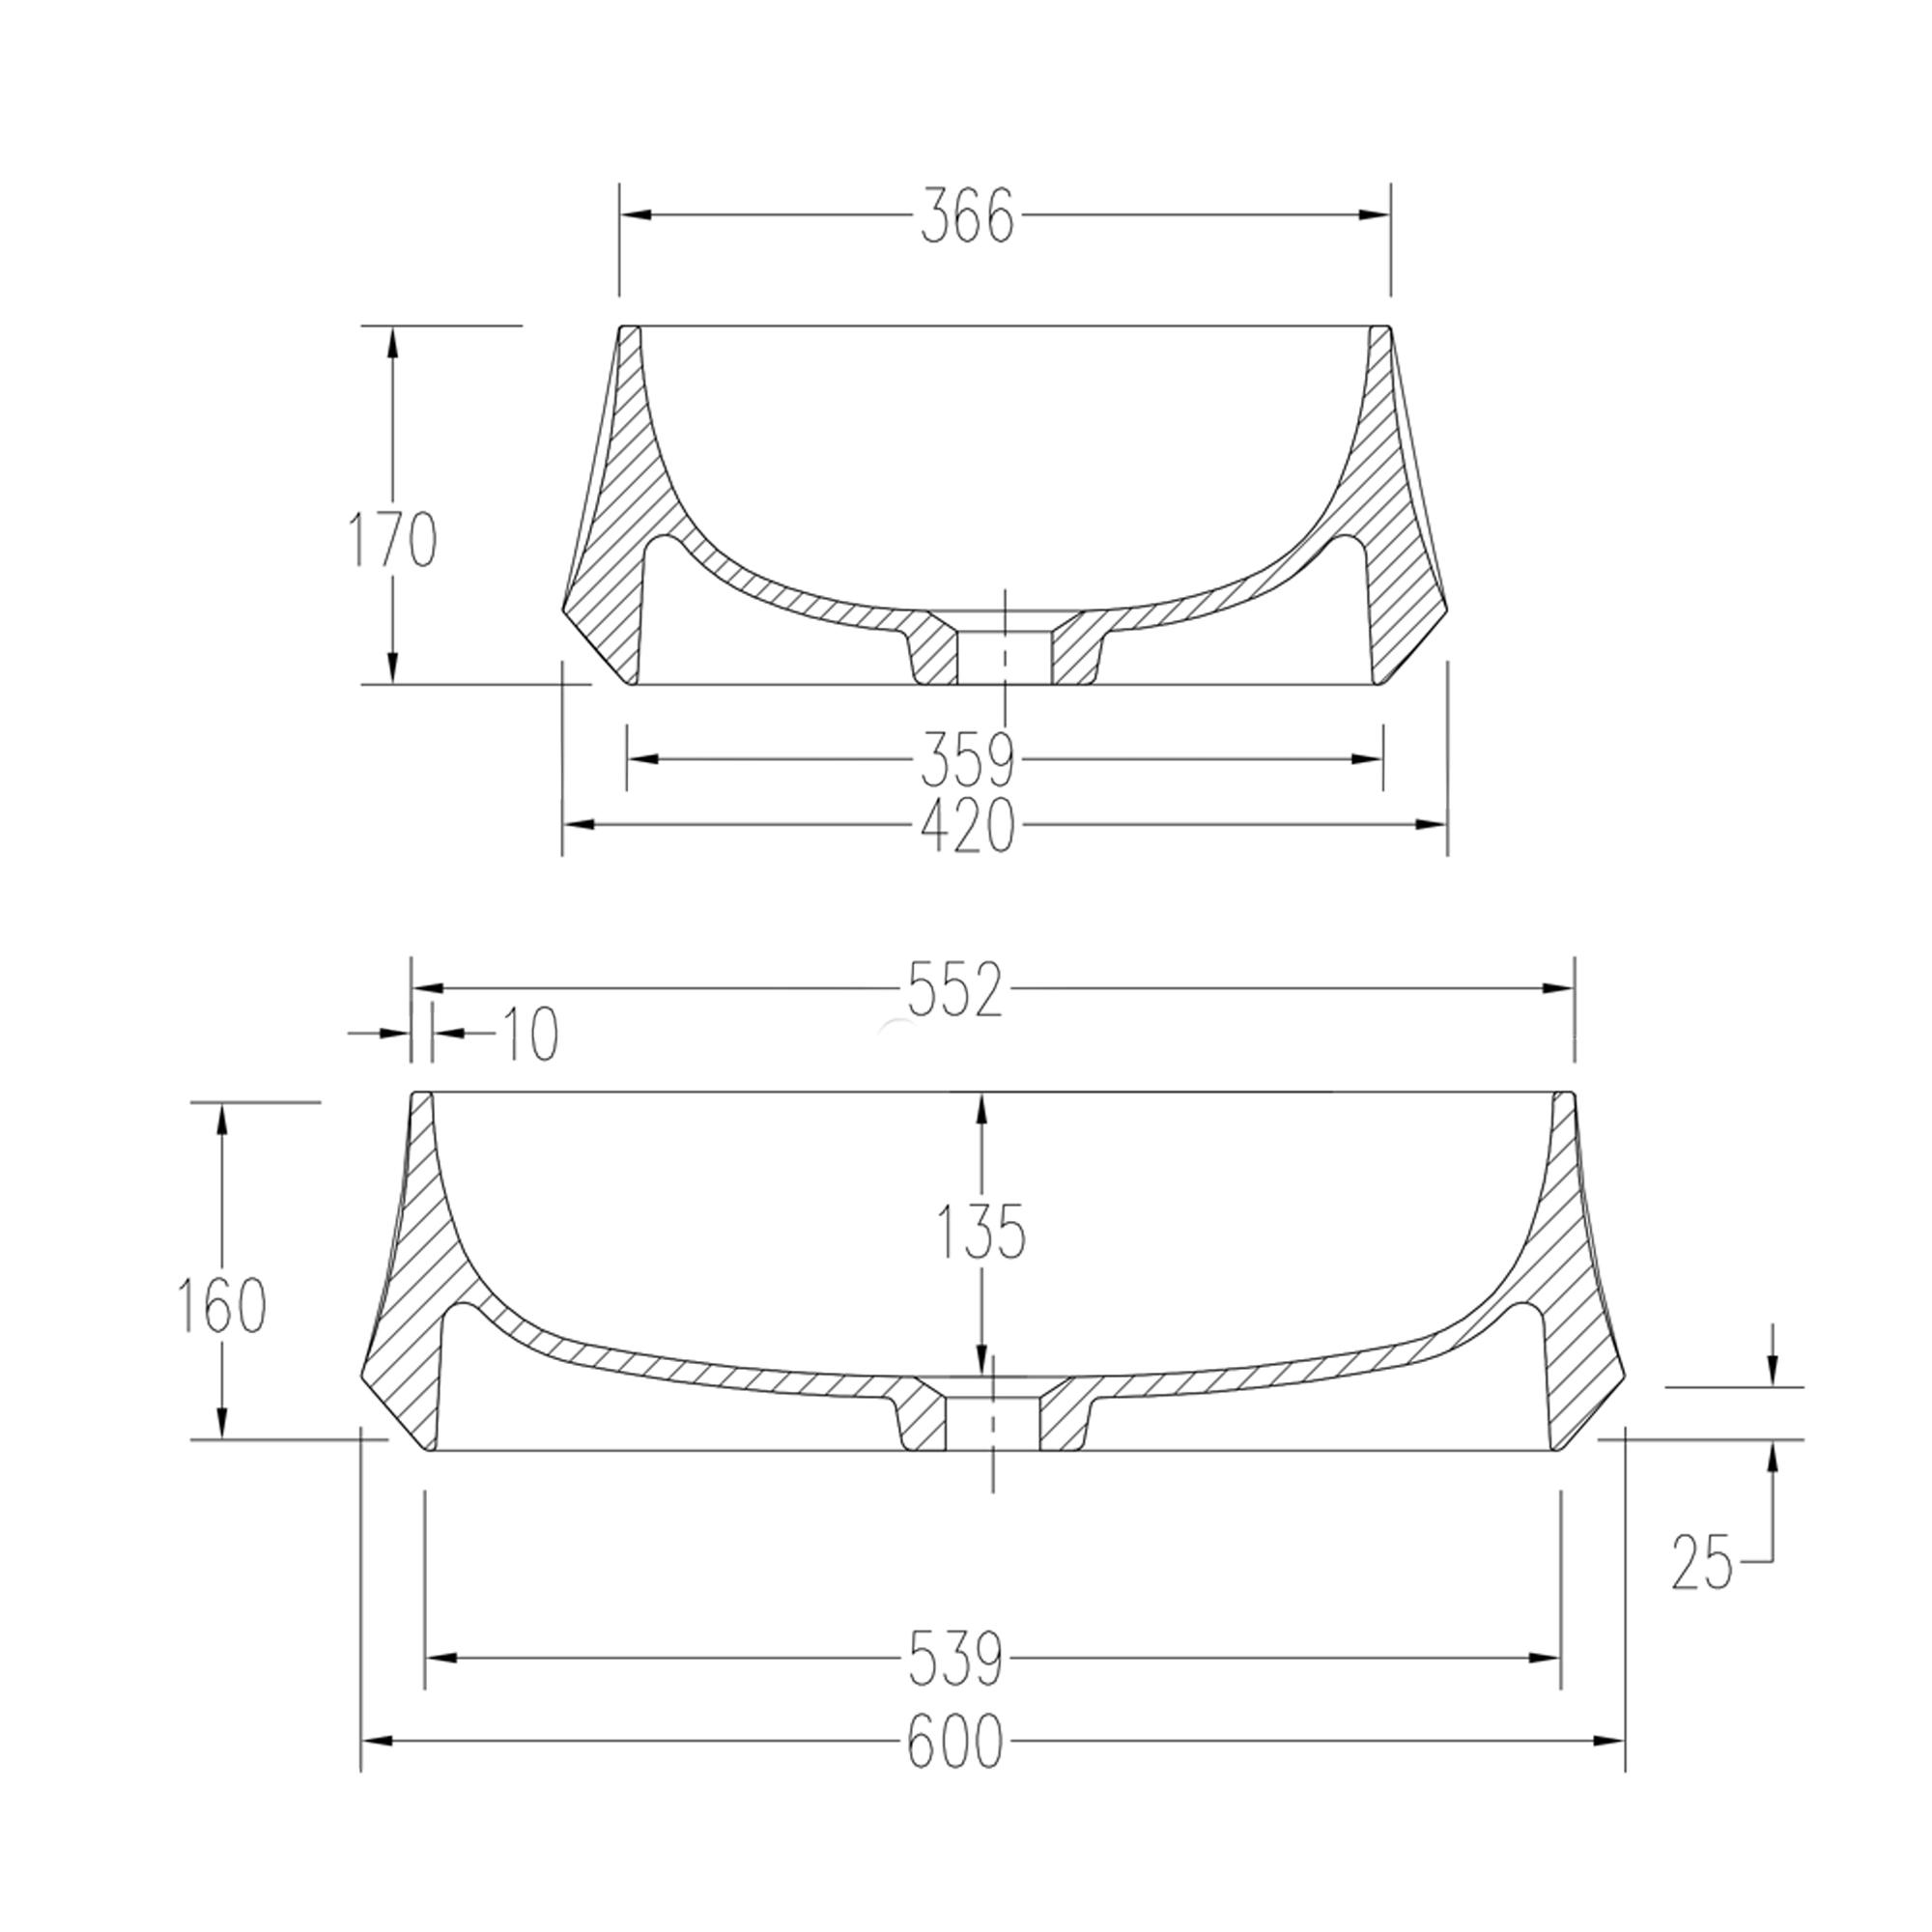 Countertop wash basin PB2161 - image 2